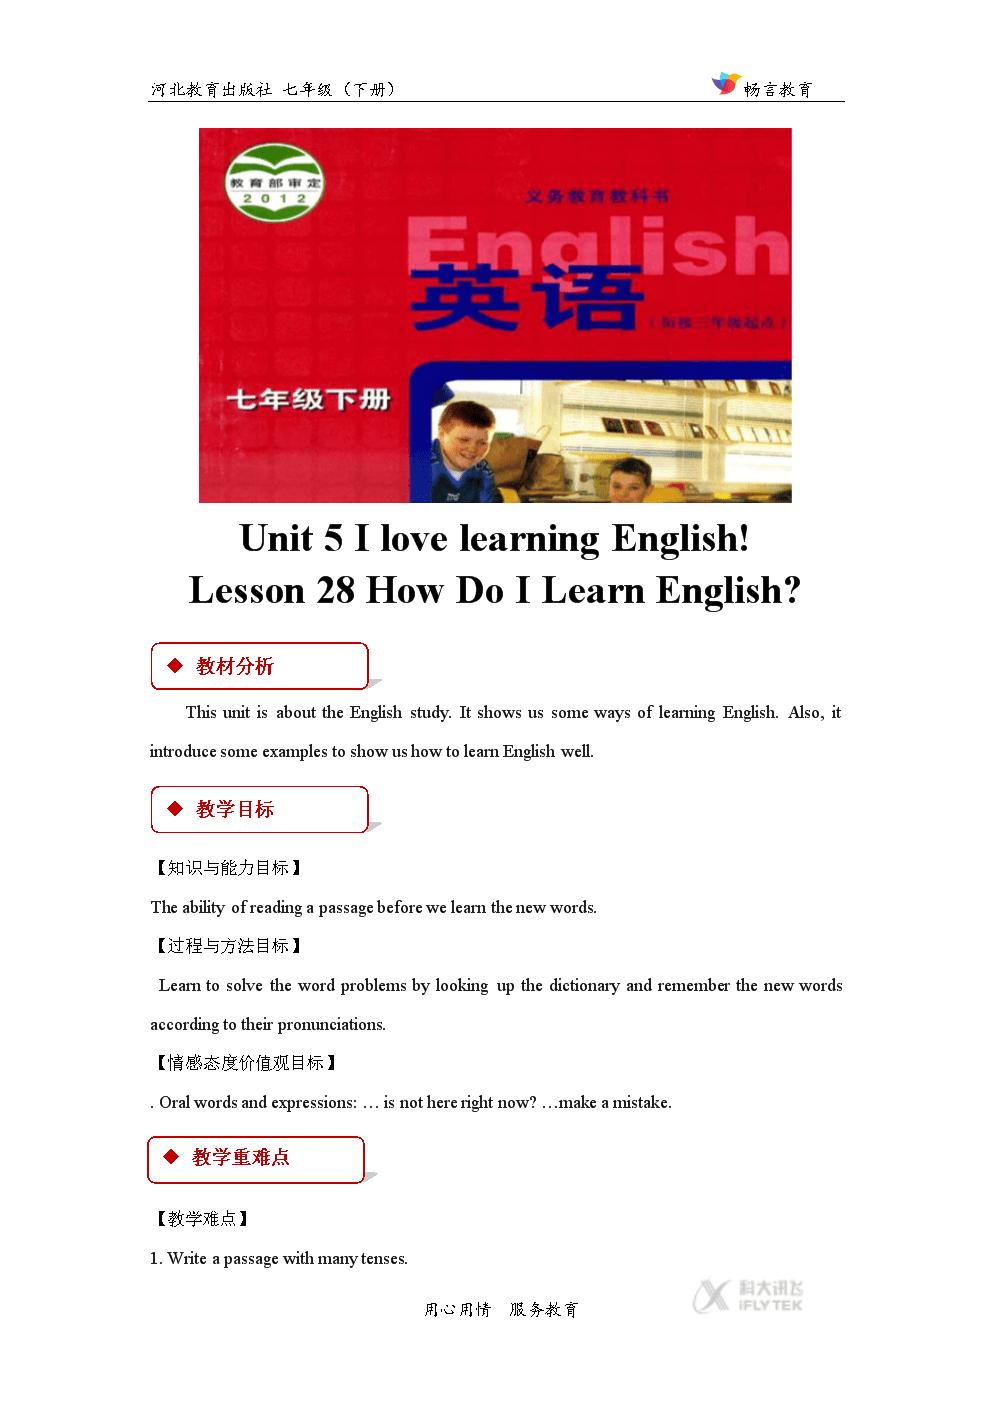 【教学设计】Unit 5 Lesson 28(冀教) (2).docx